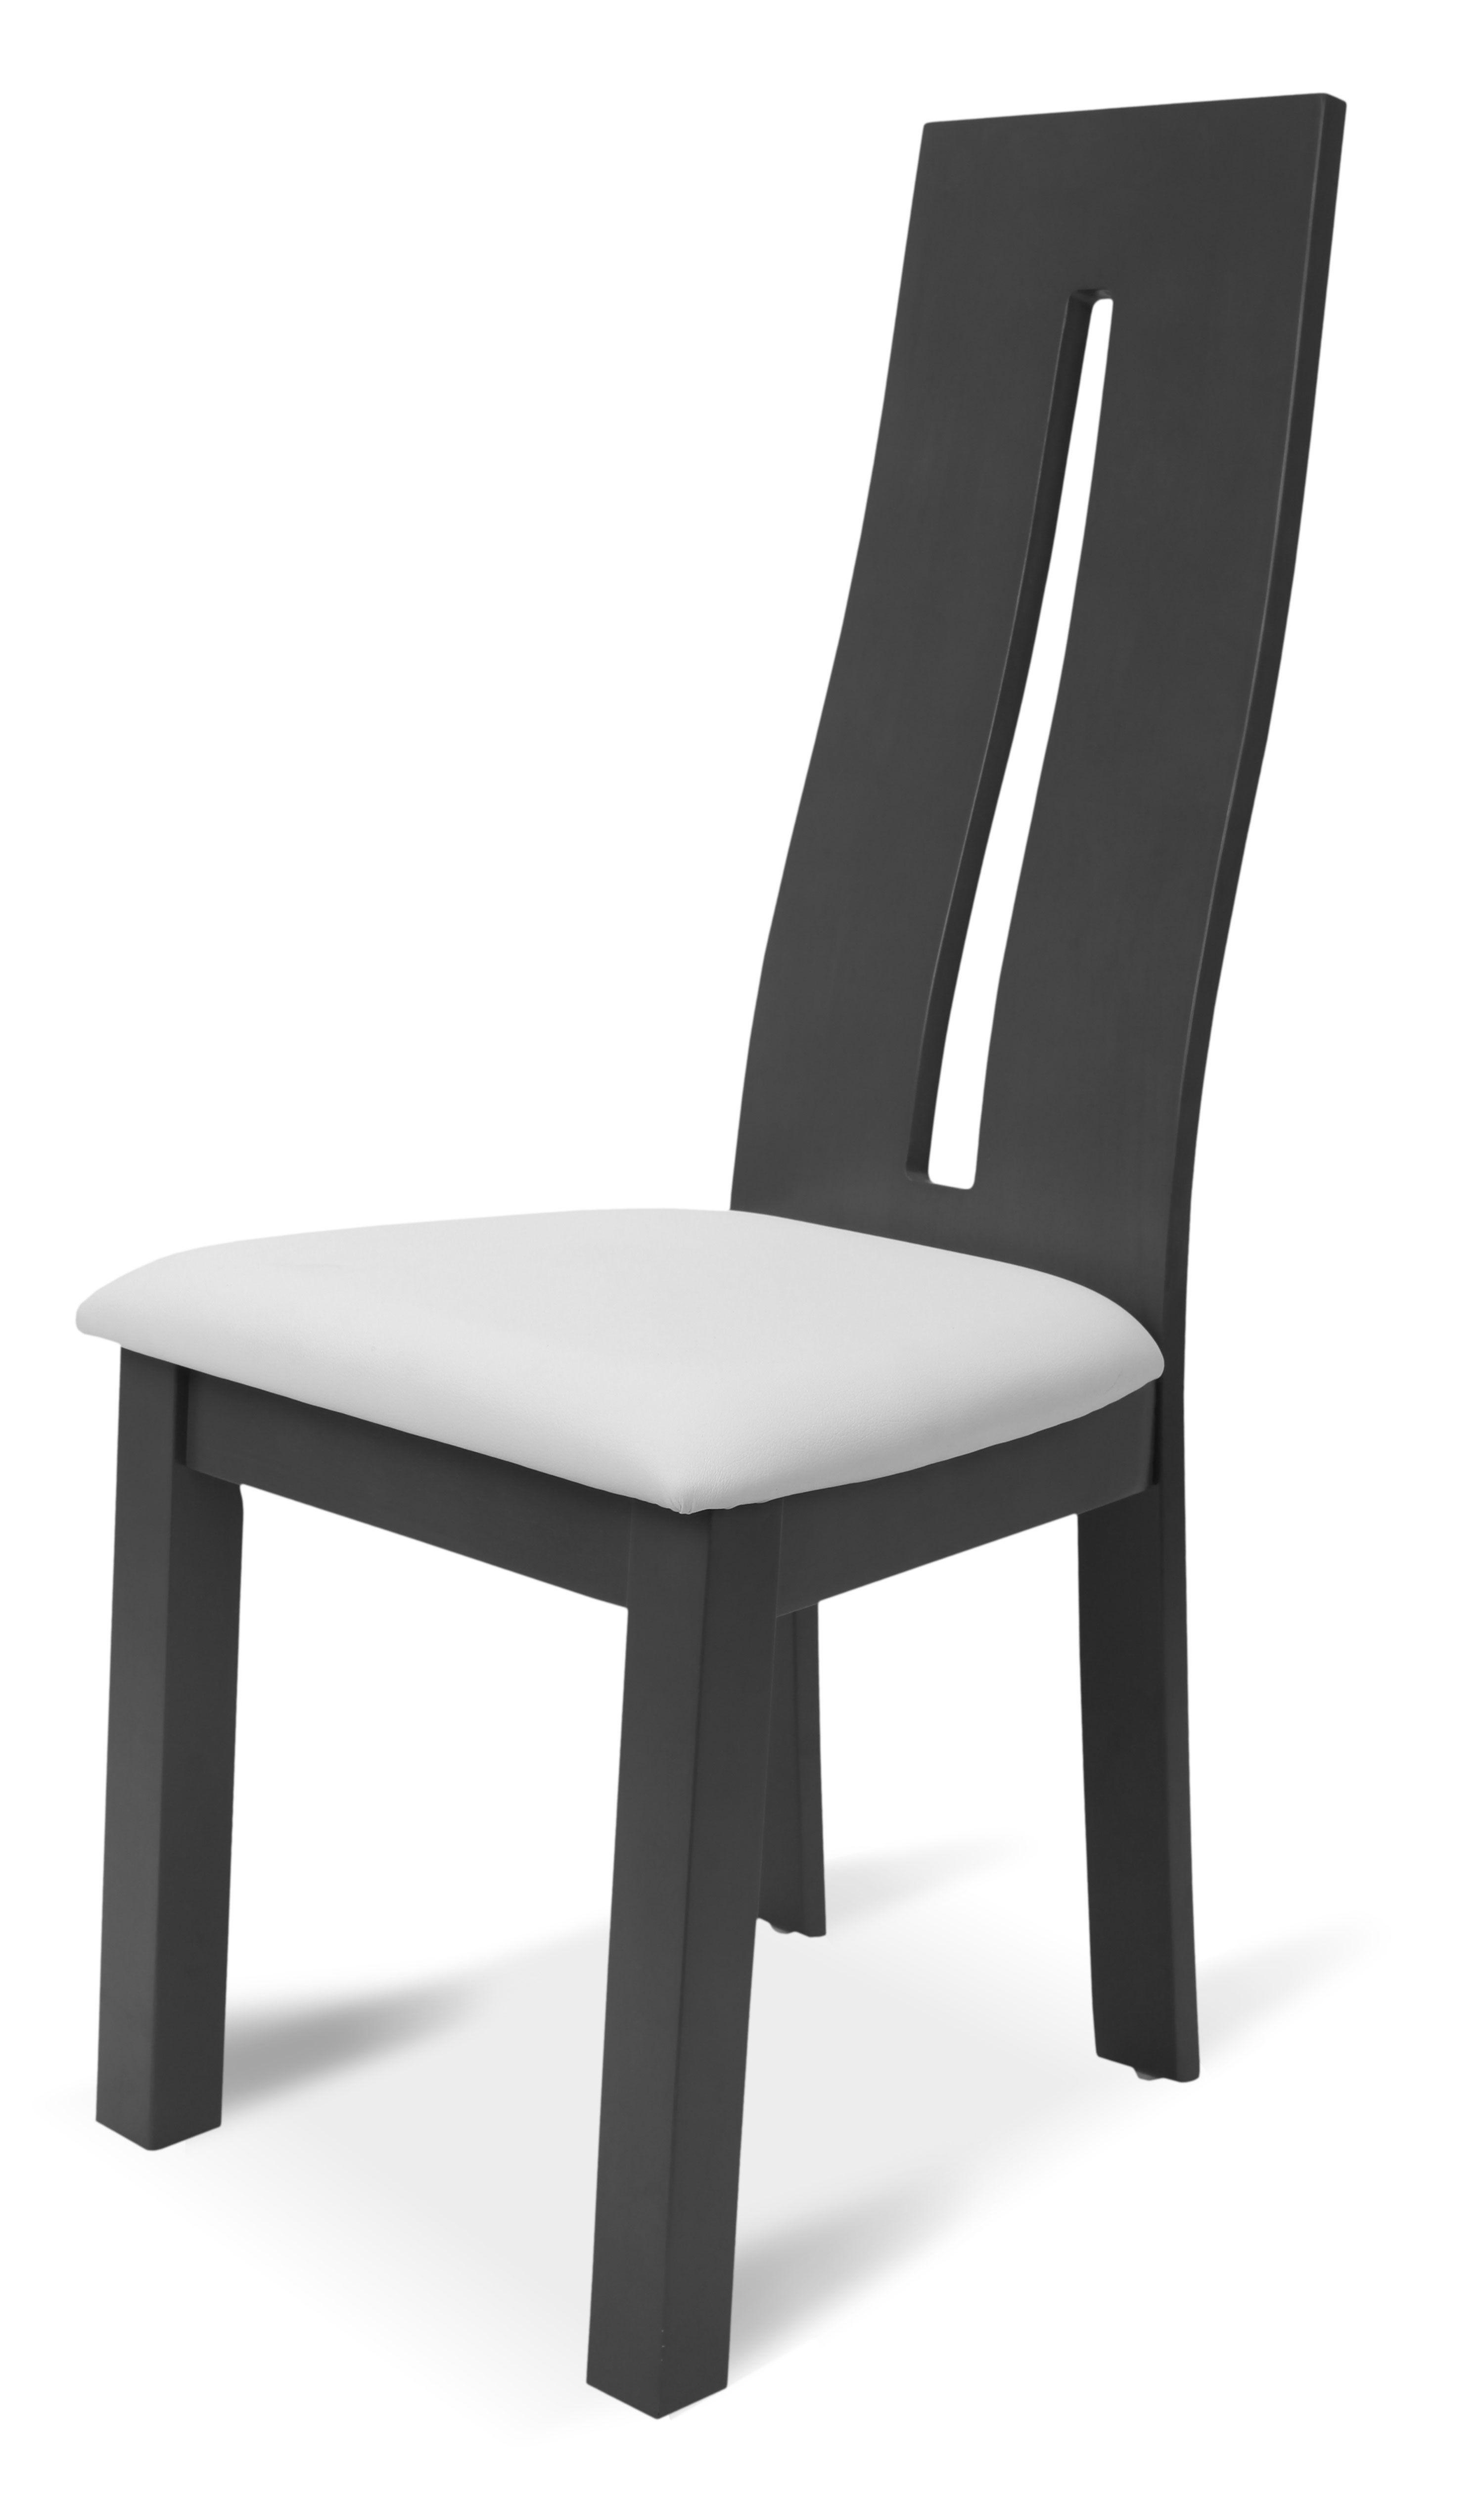 24 hermoso sillas comedor gris im genes silla comedor for Sillas comedor polipiel beige